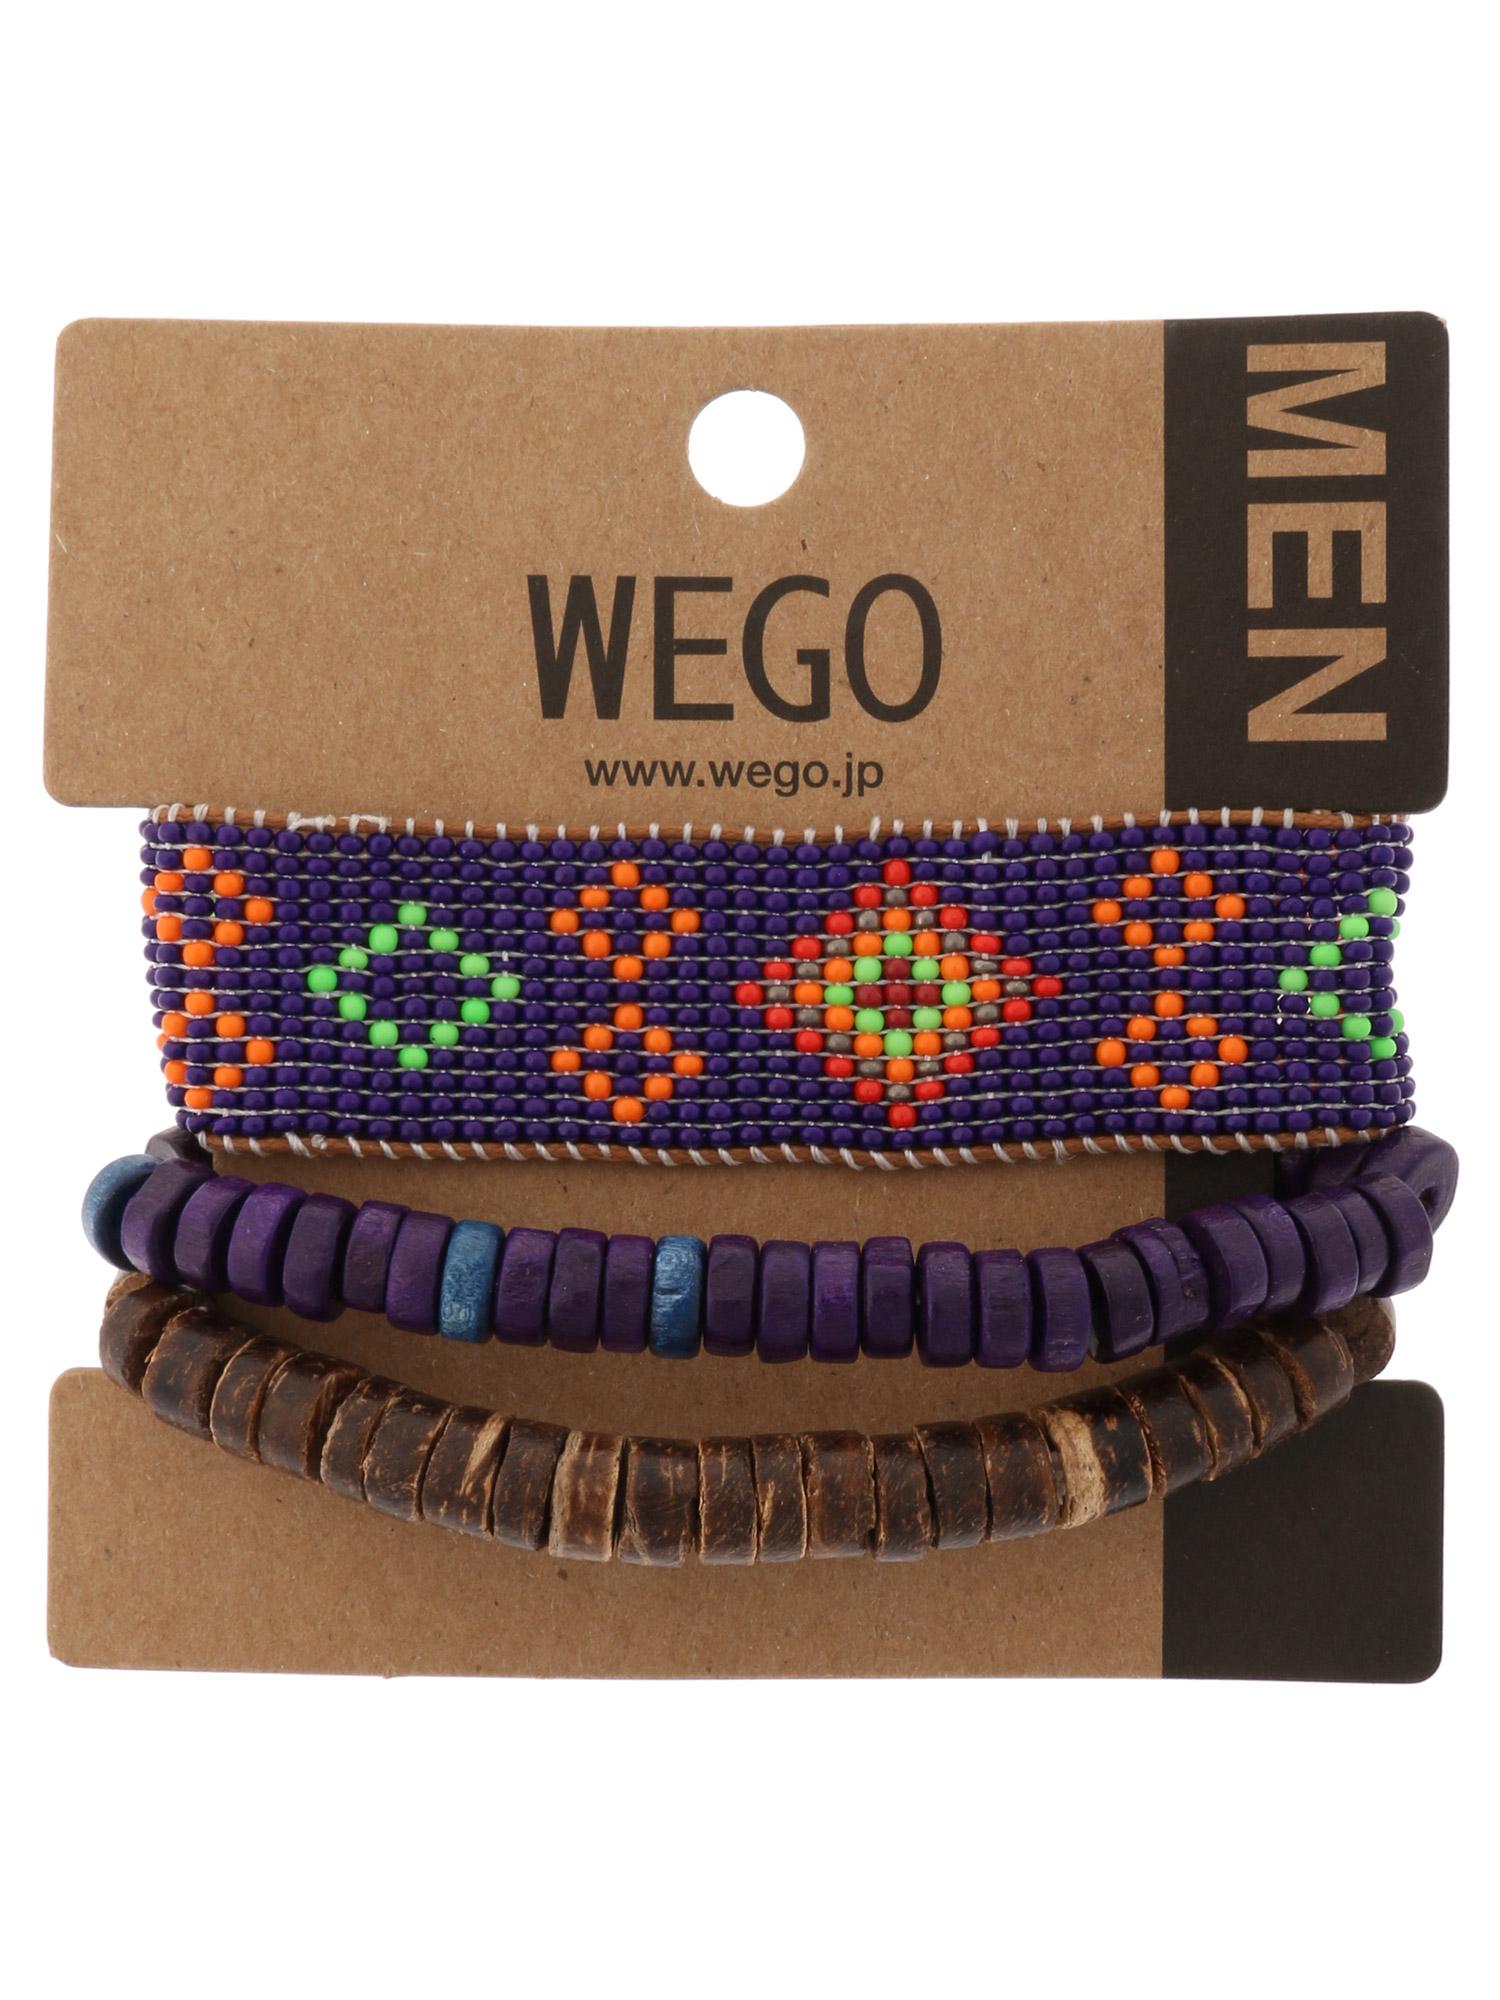 WEGO/ビーズウッドセットブレスレット